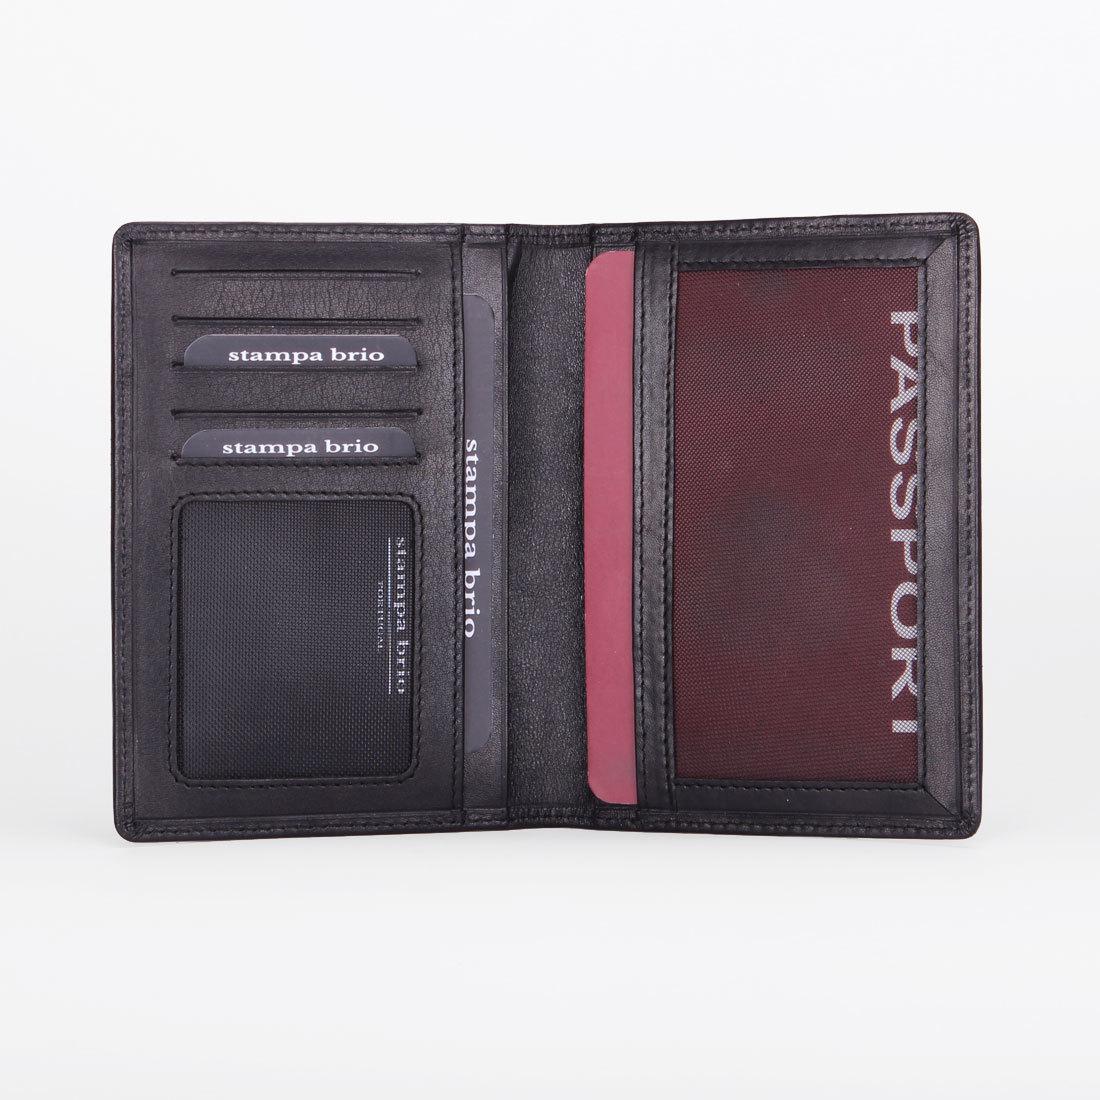 102 R - Обложка для паспорта с RFID защитой